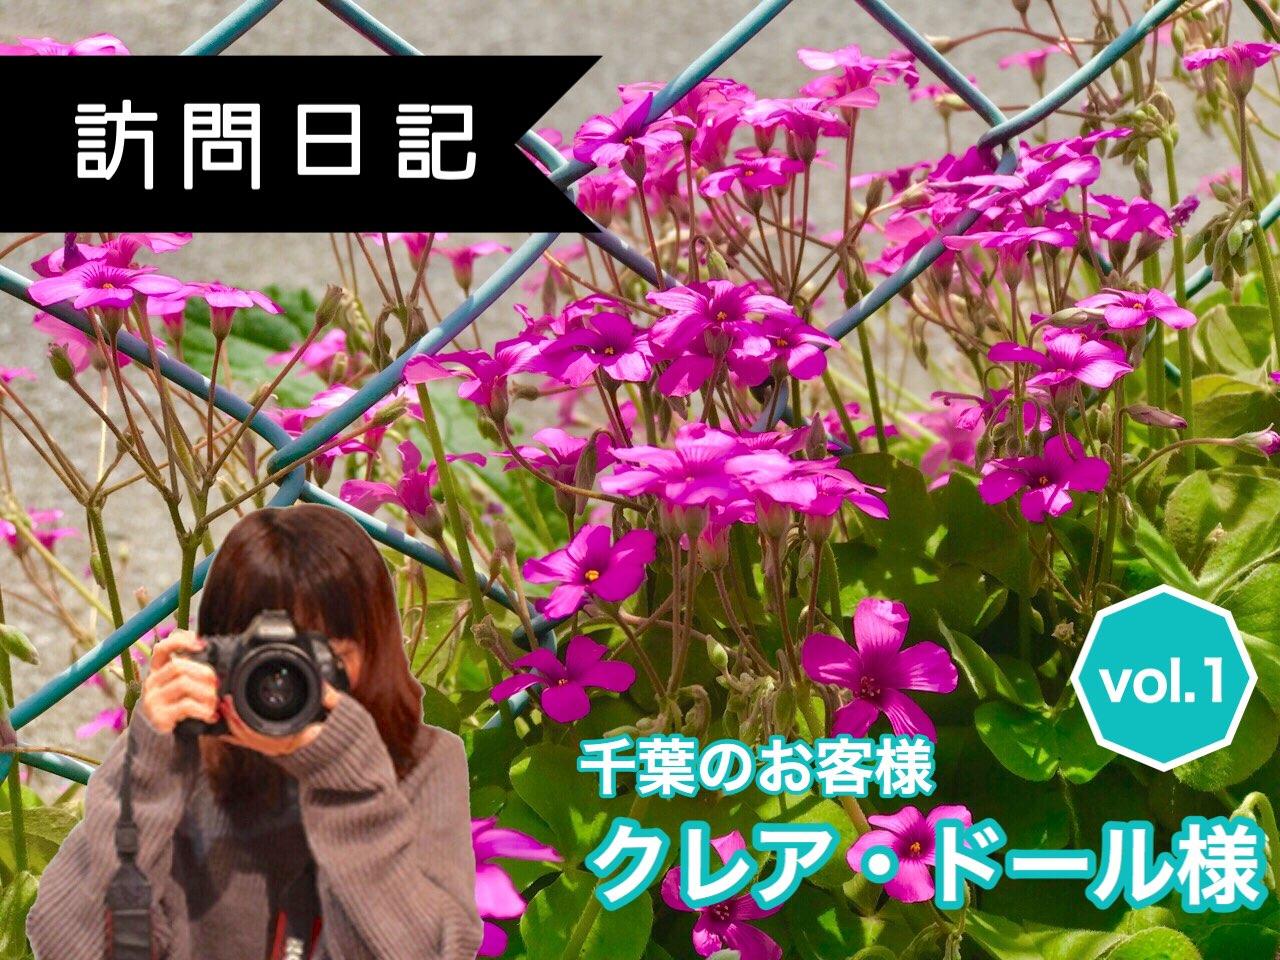 【訪問日記】可愛くて溜息でる…千葉のクレア・ドールさんに行ってきました!